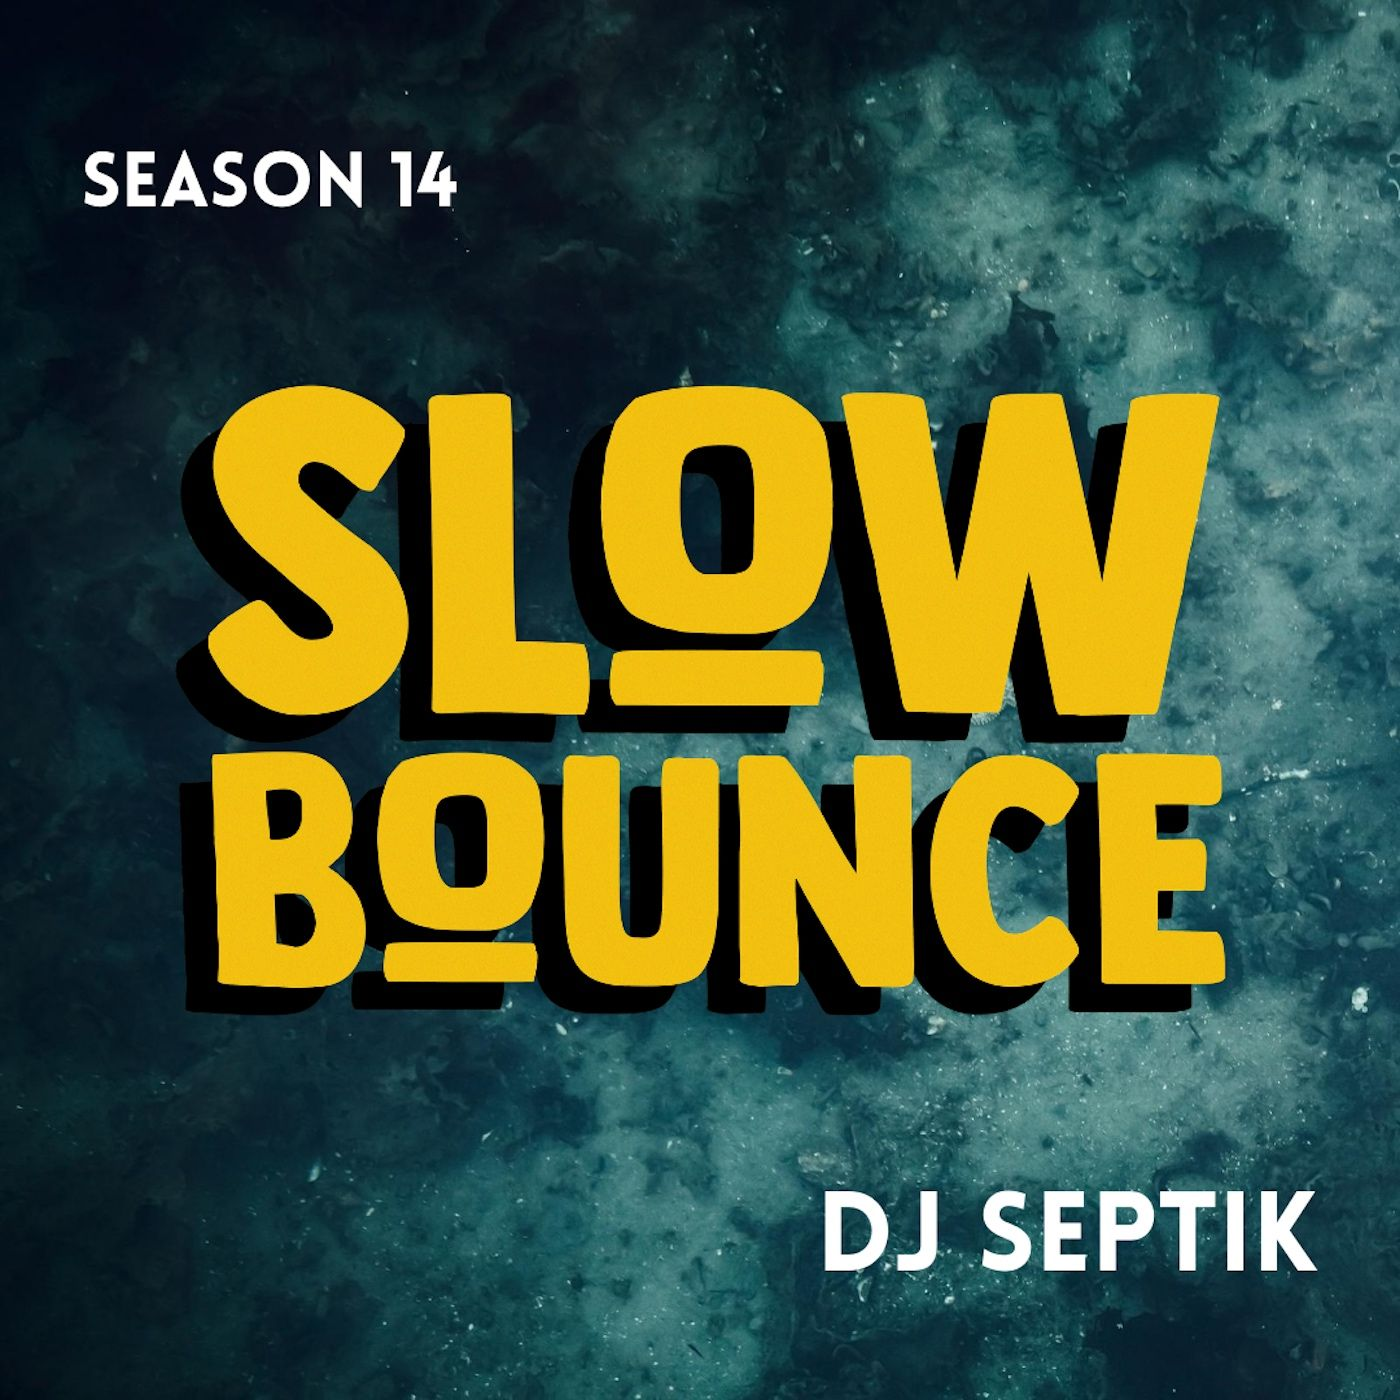 Bigupradio.com SLOWBOUNCE - Future Dancehall & Tropical Bass